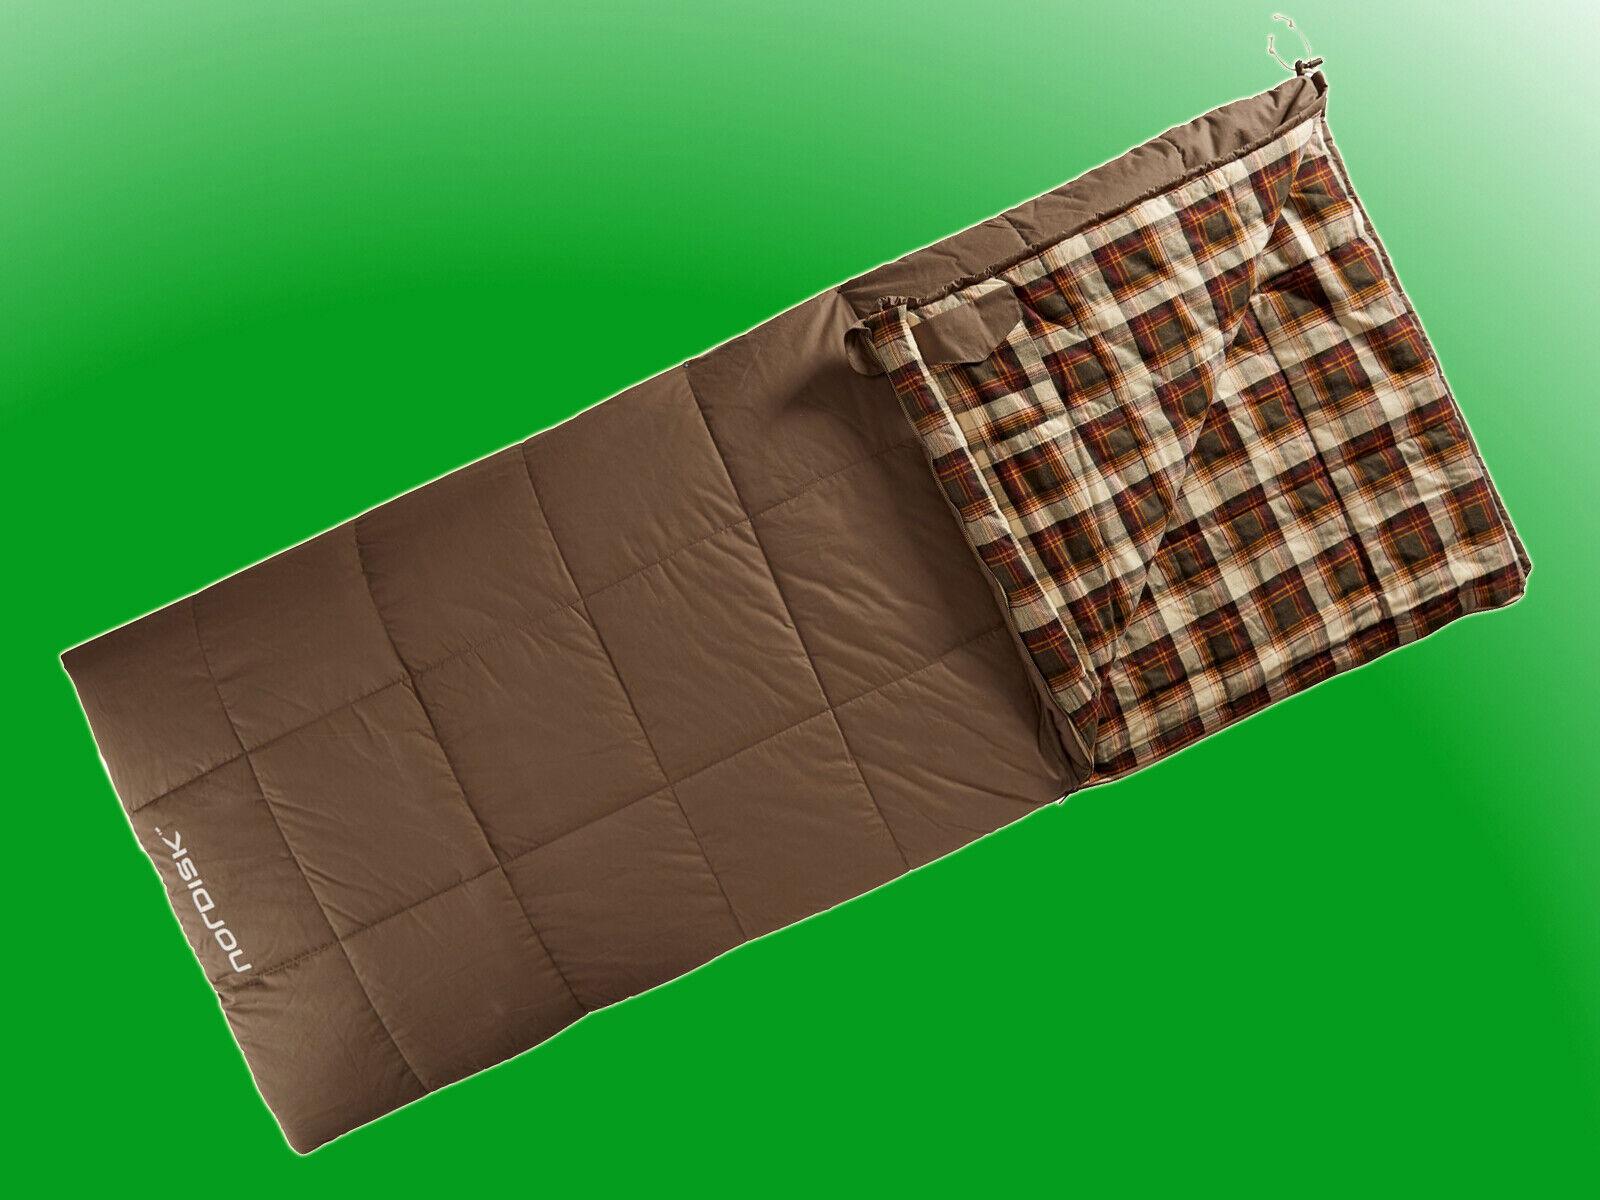 Nordisk Sacco a pelo Almond-Sacco a pelo soffitto -2 ° C - 100% cotone flanella